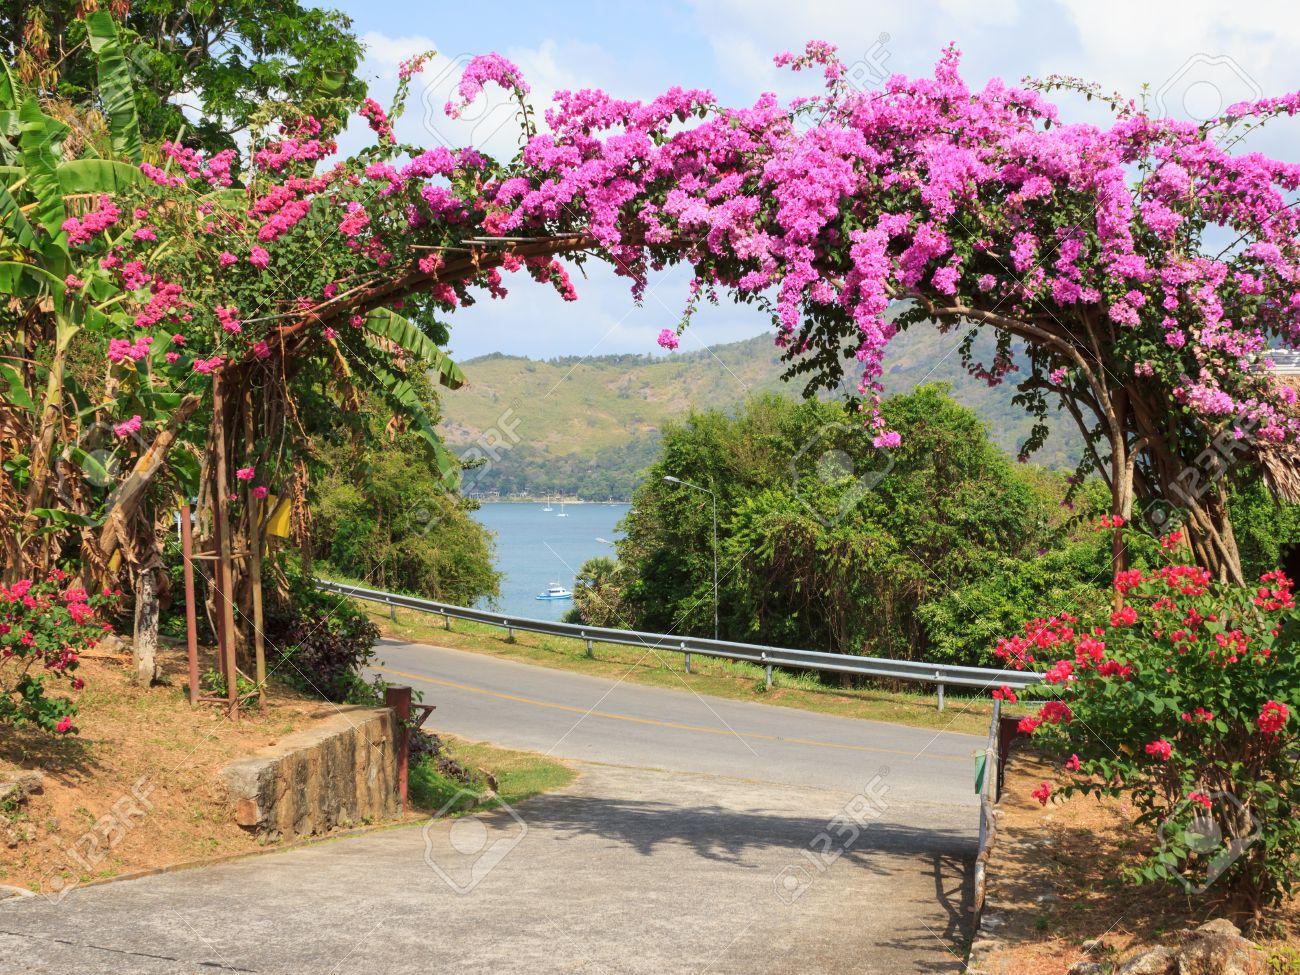 Arco De Flores De Color Prpura En El Jardn En La Entrada Fotos